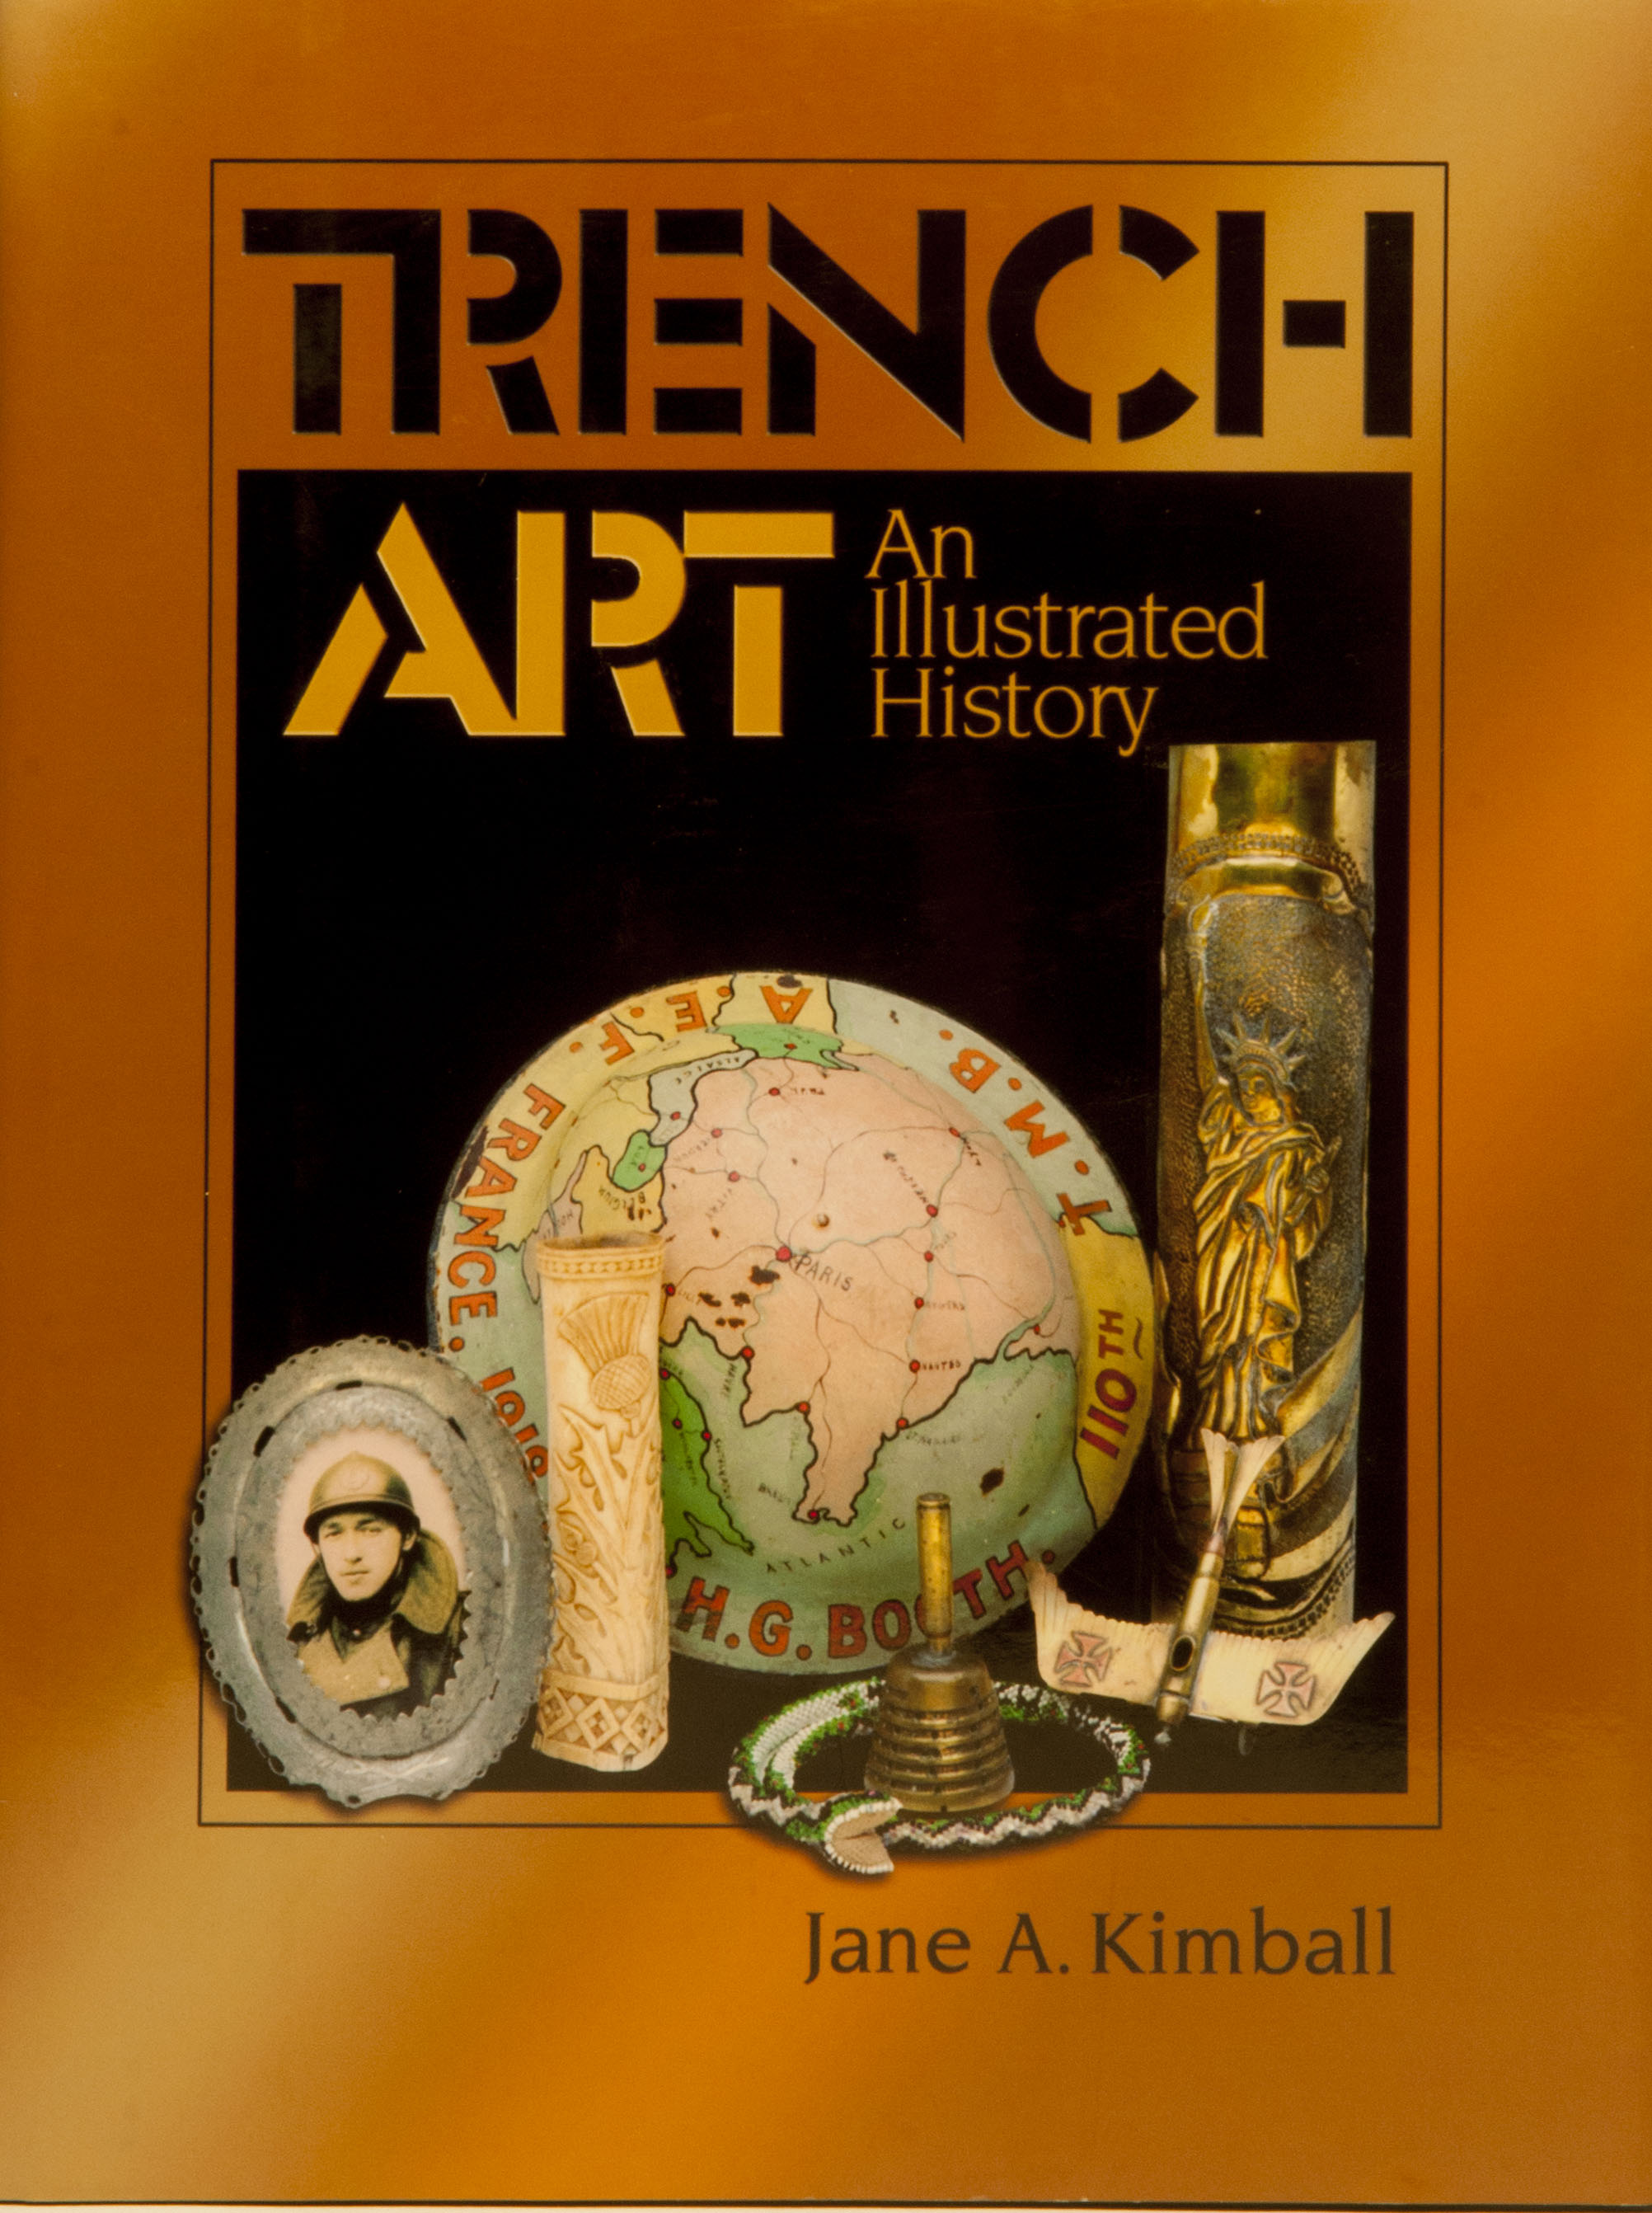 Trench Art By Jane Kimball.jpg